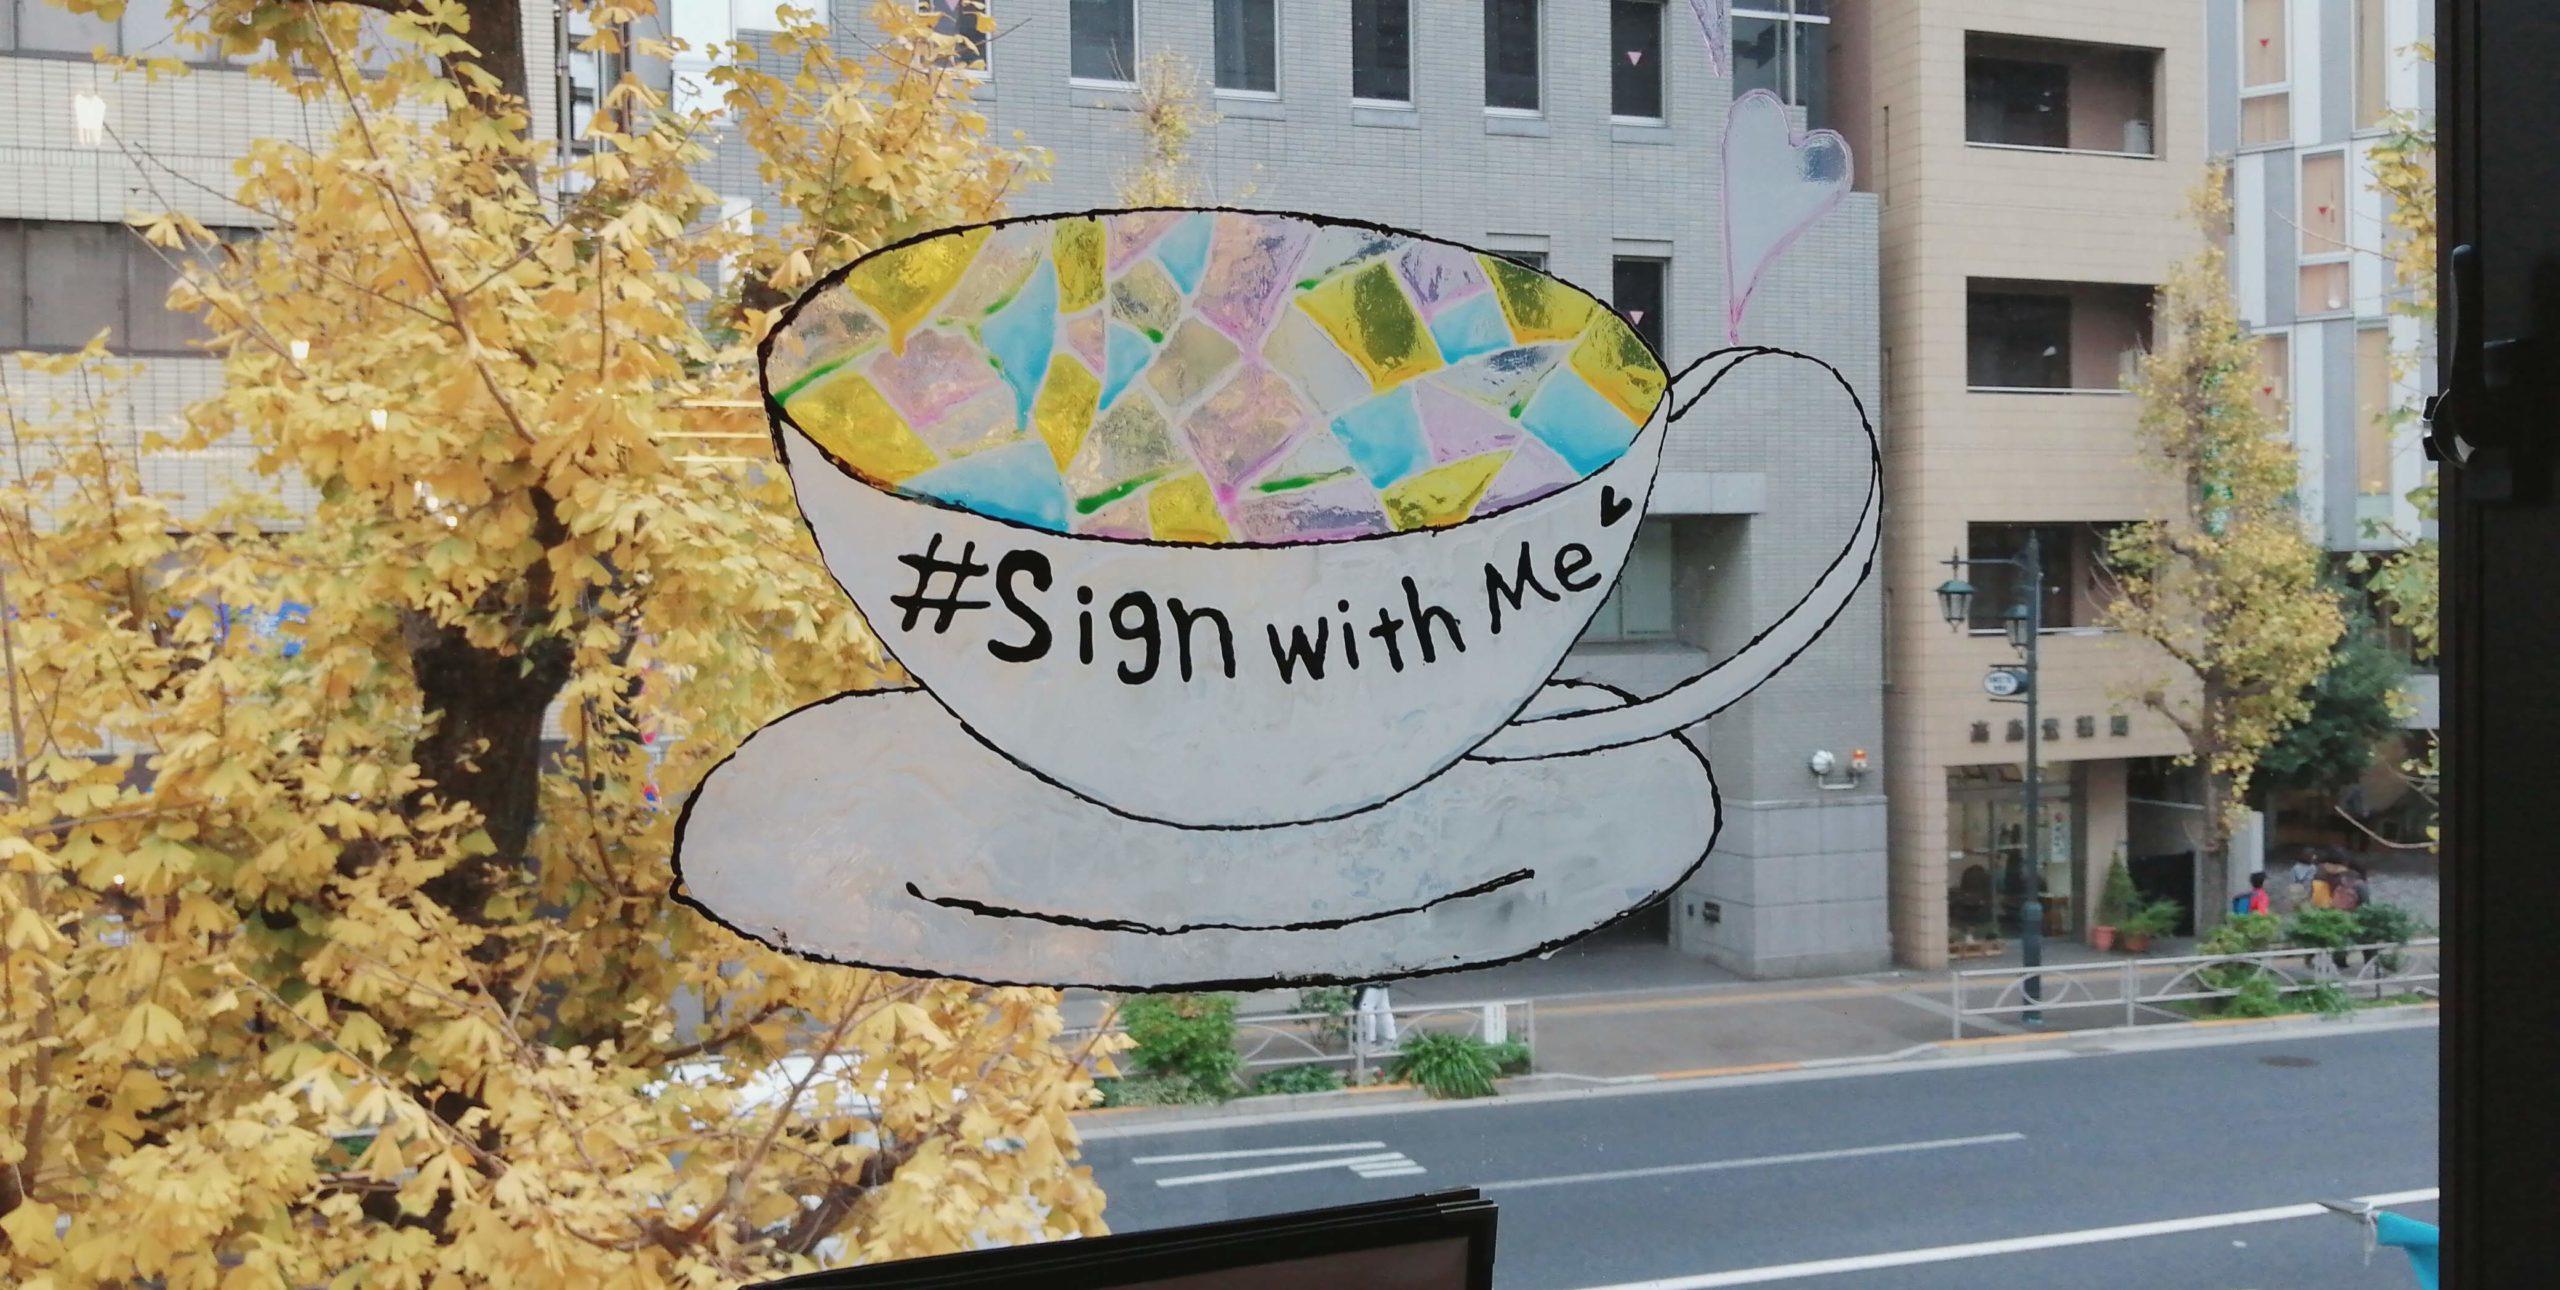 今日のランチ@Sign with me